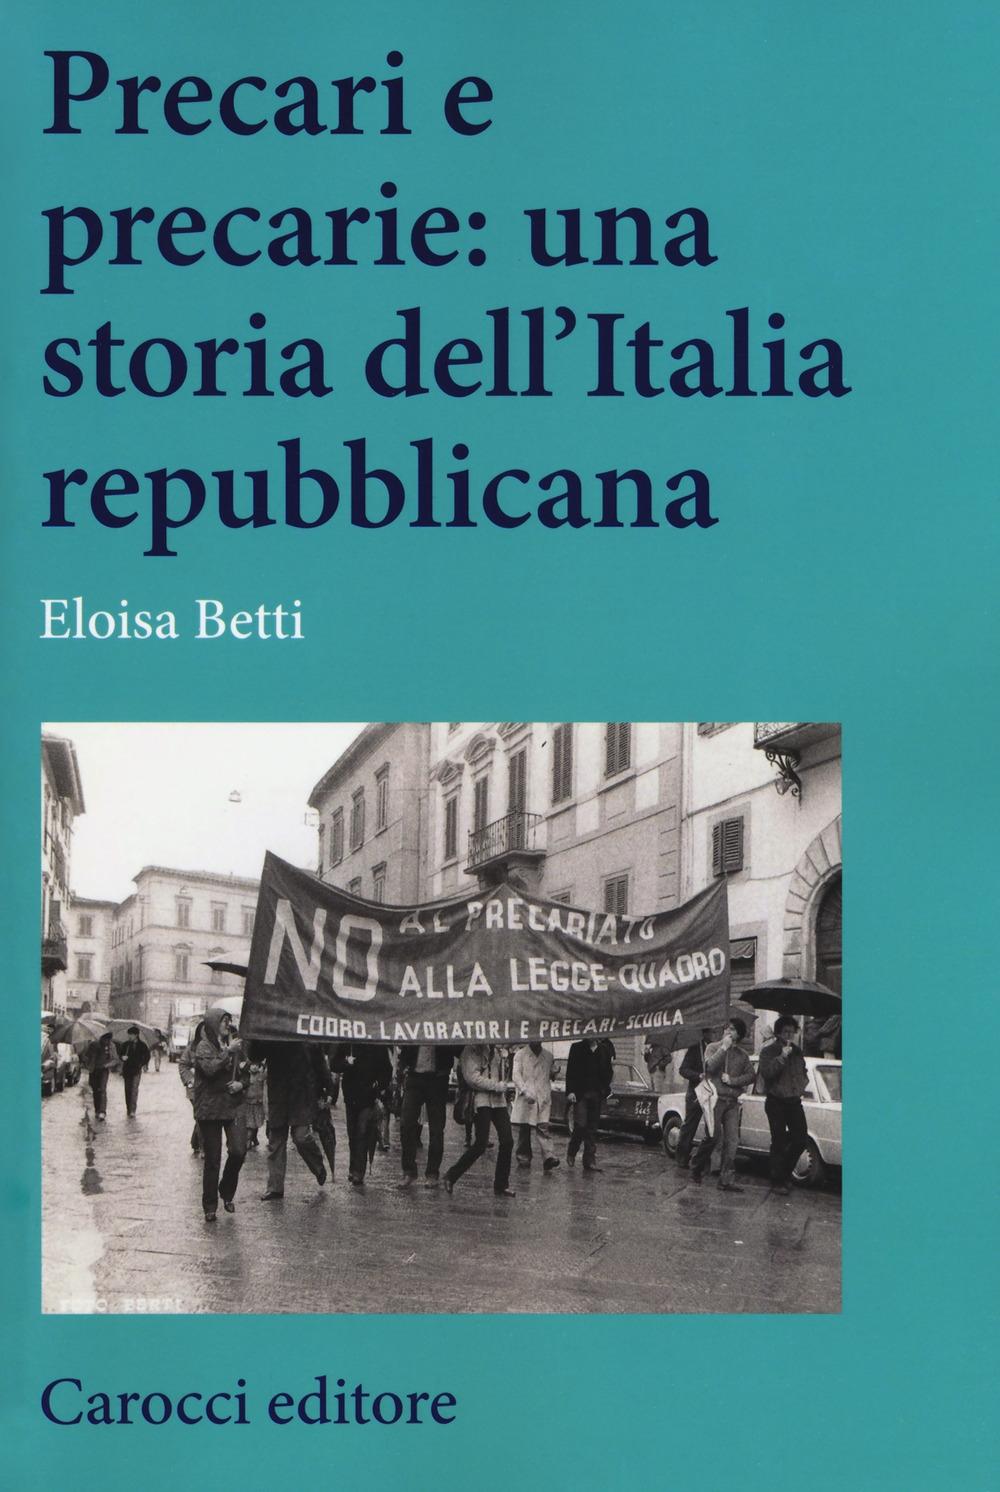 Precari e precarie: una storia dell'Italia repubblicana